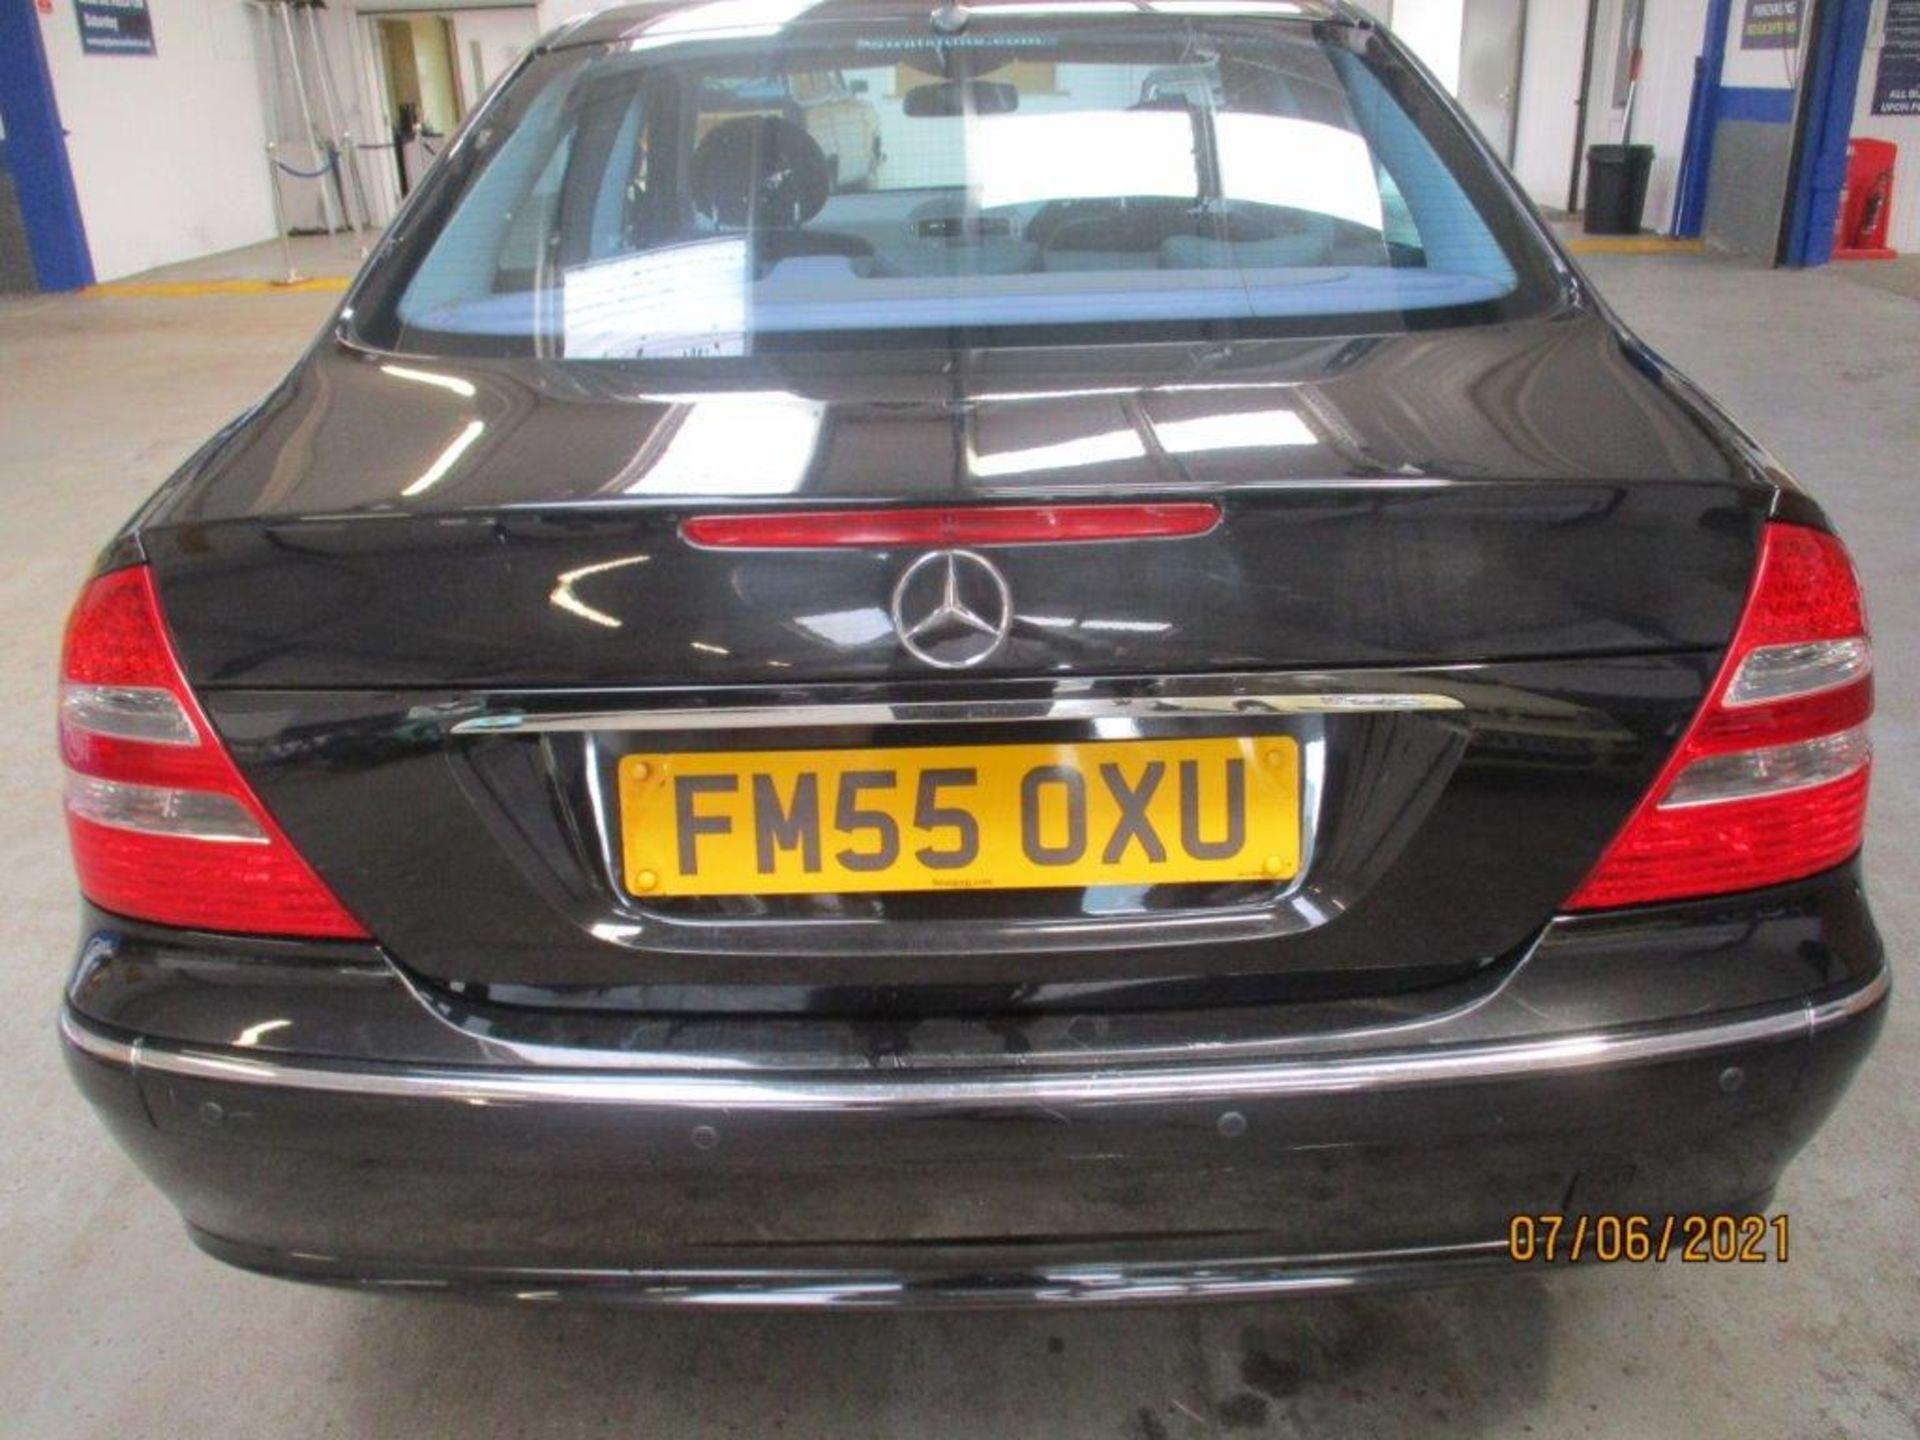 55 05 Mercedes E320 CDI Avantagarde - Image 2 of 19